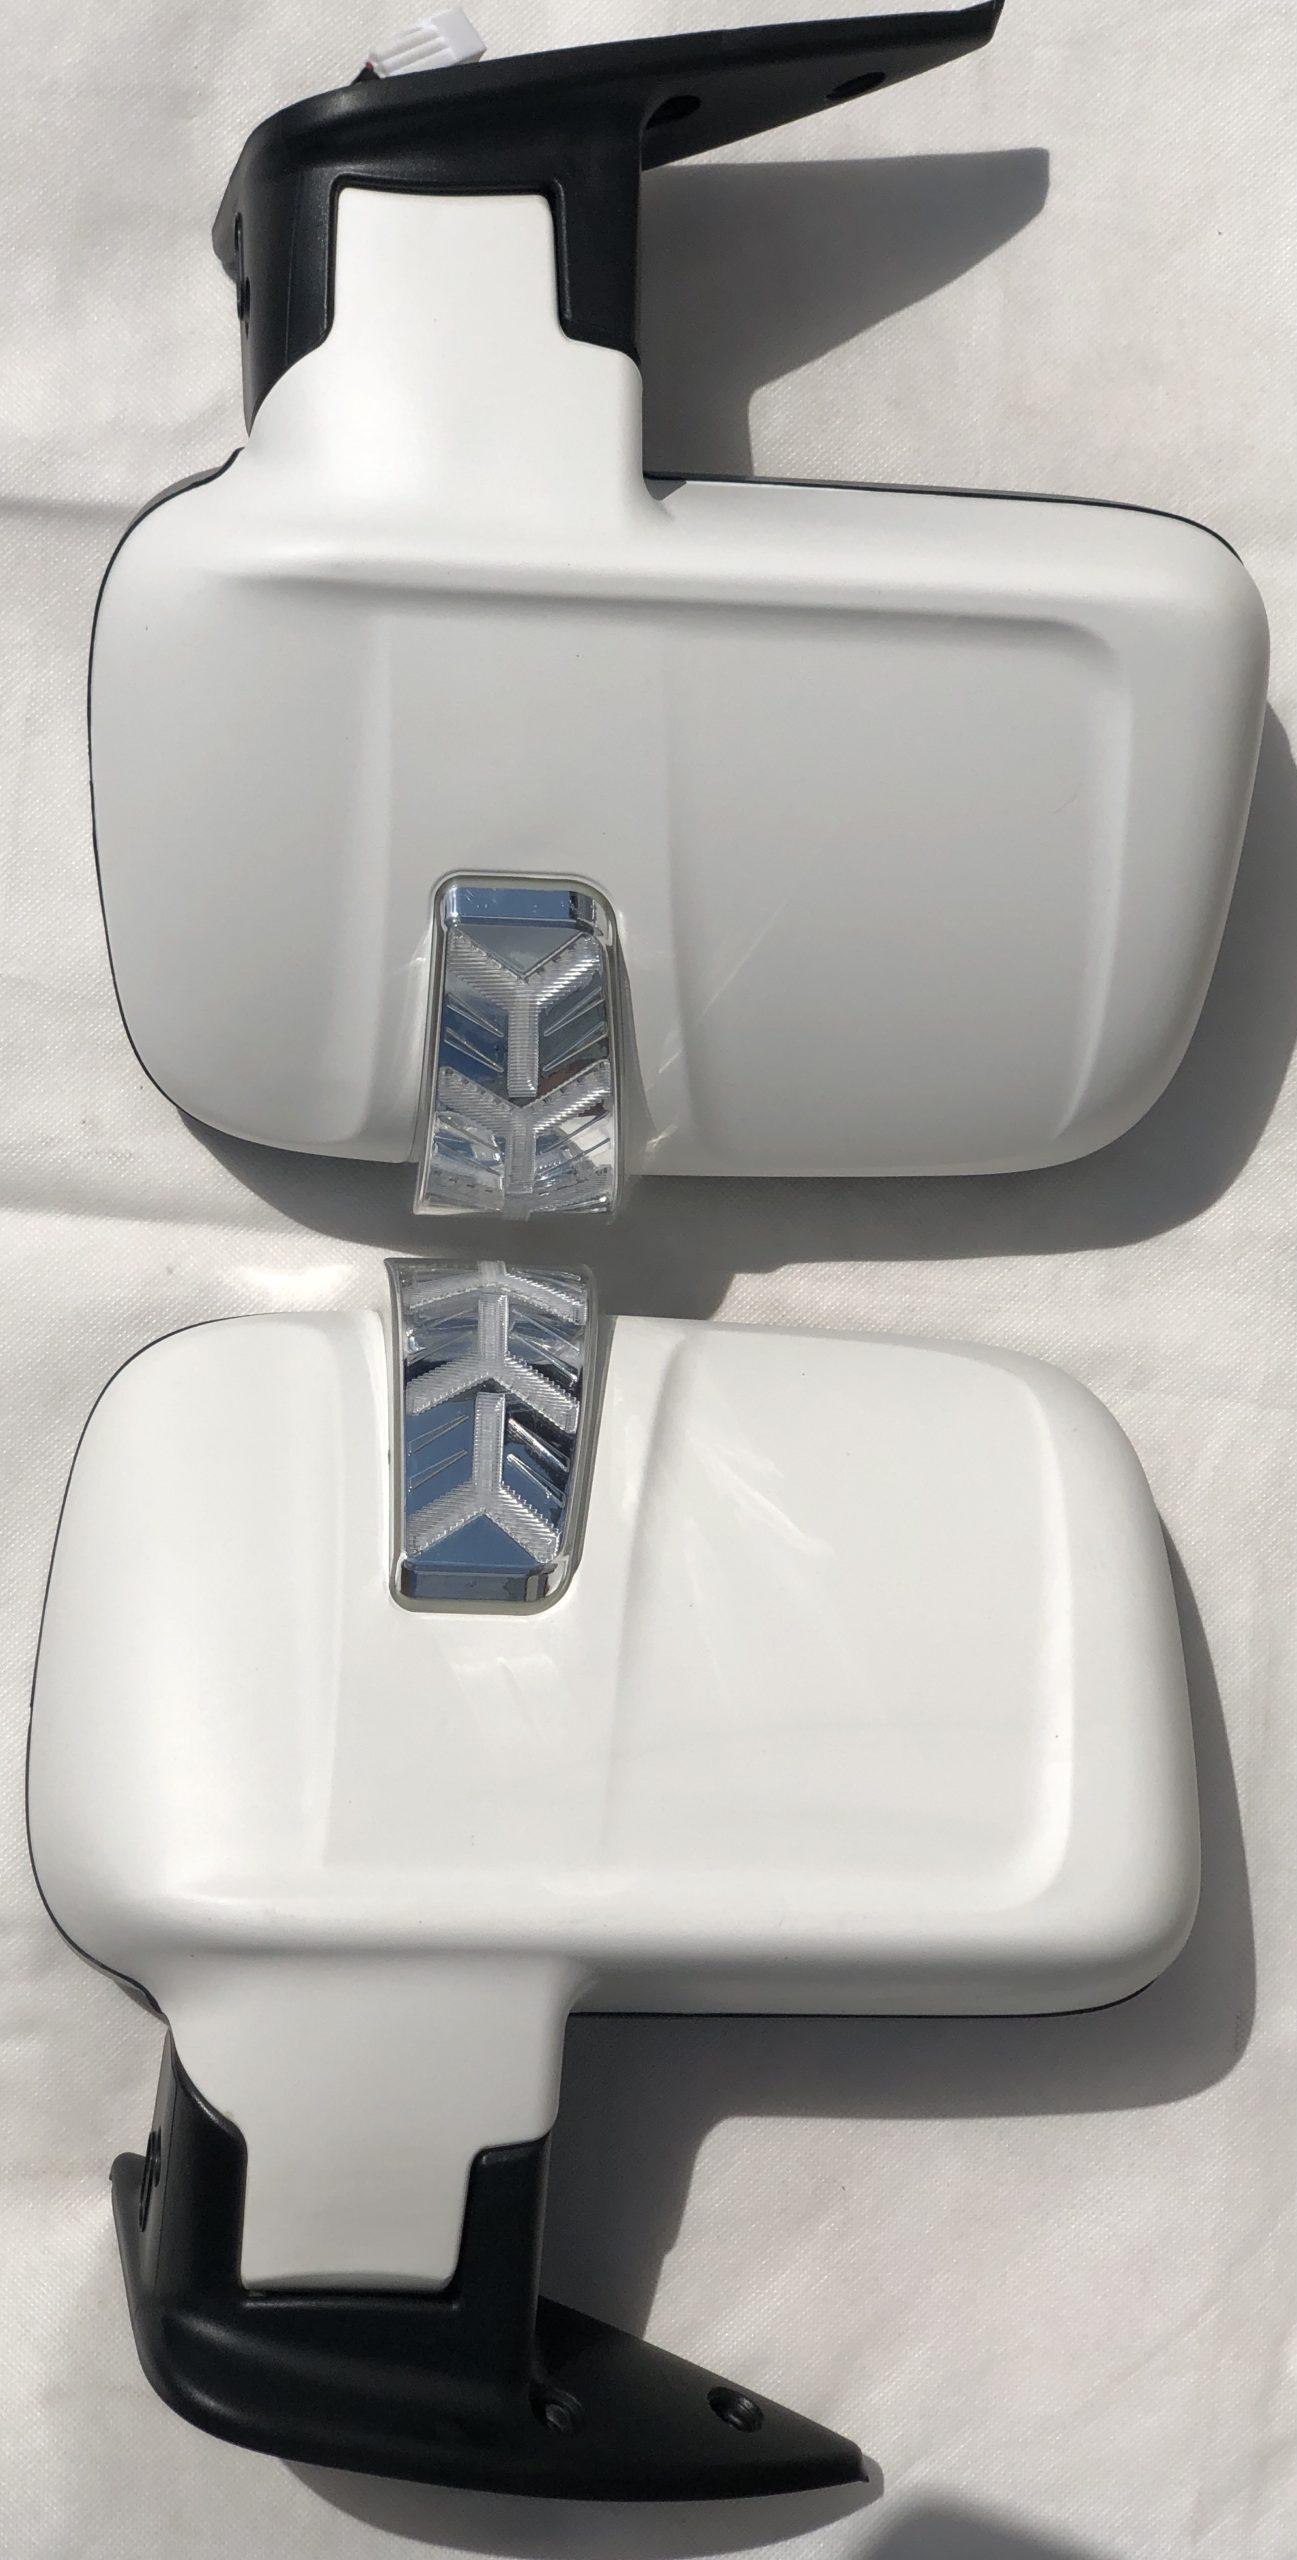 Комплект зеркал на газель Бизнес с БЕГАЮЩИМ повторителем и обогревом (с увеличенным углом обзора) БЕЛЫЙ МАТОВЫЙ